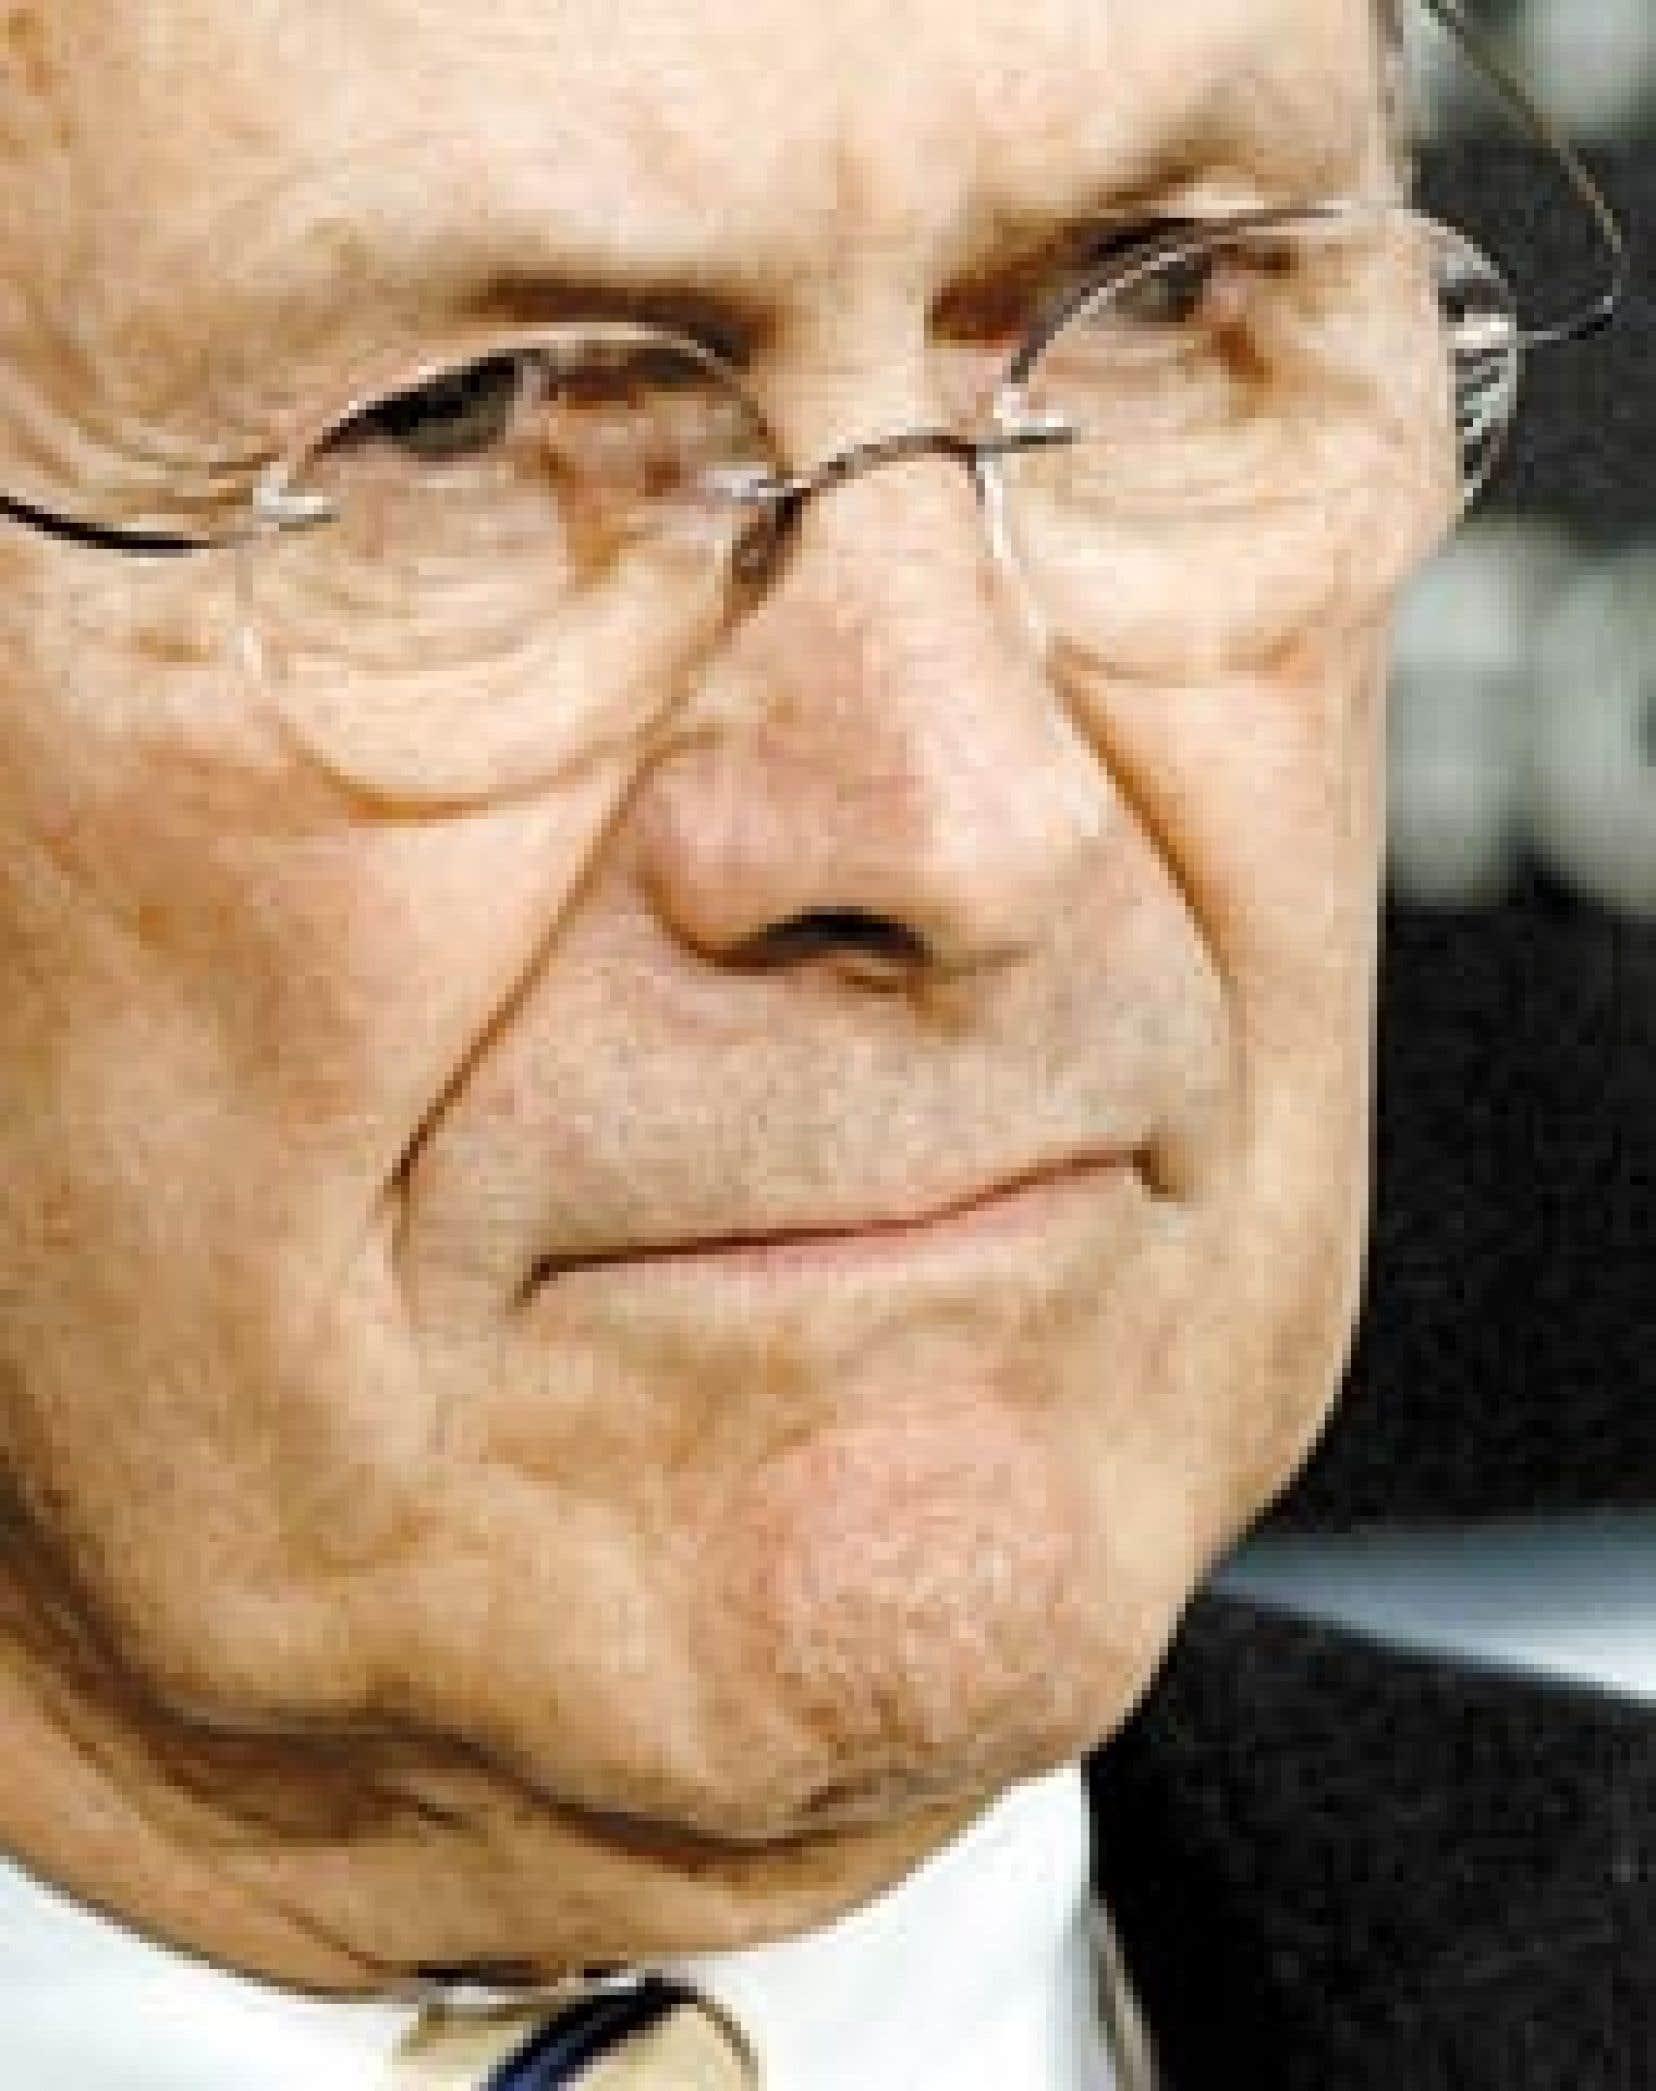 Le président Bush a confirmé avoir sermonné hier Donald Rumsfeld, qui aurait dû le prévenir plus tôt du scandale. «Je lui ai dit que j'aurais dû être informé des images et du rapport» sur les sévices. Ce rapport a été établi en mars par